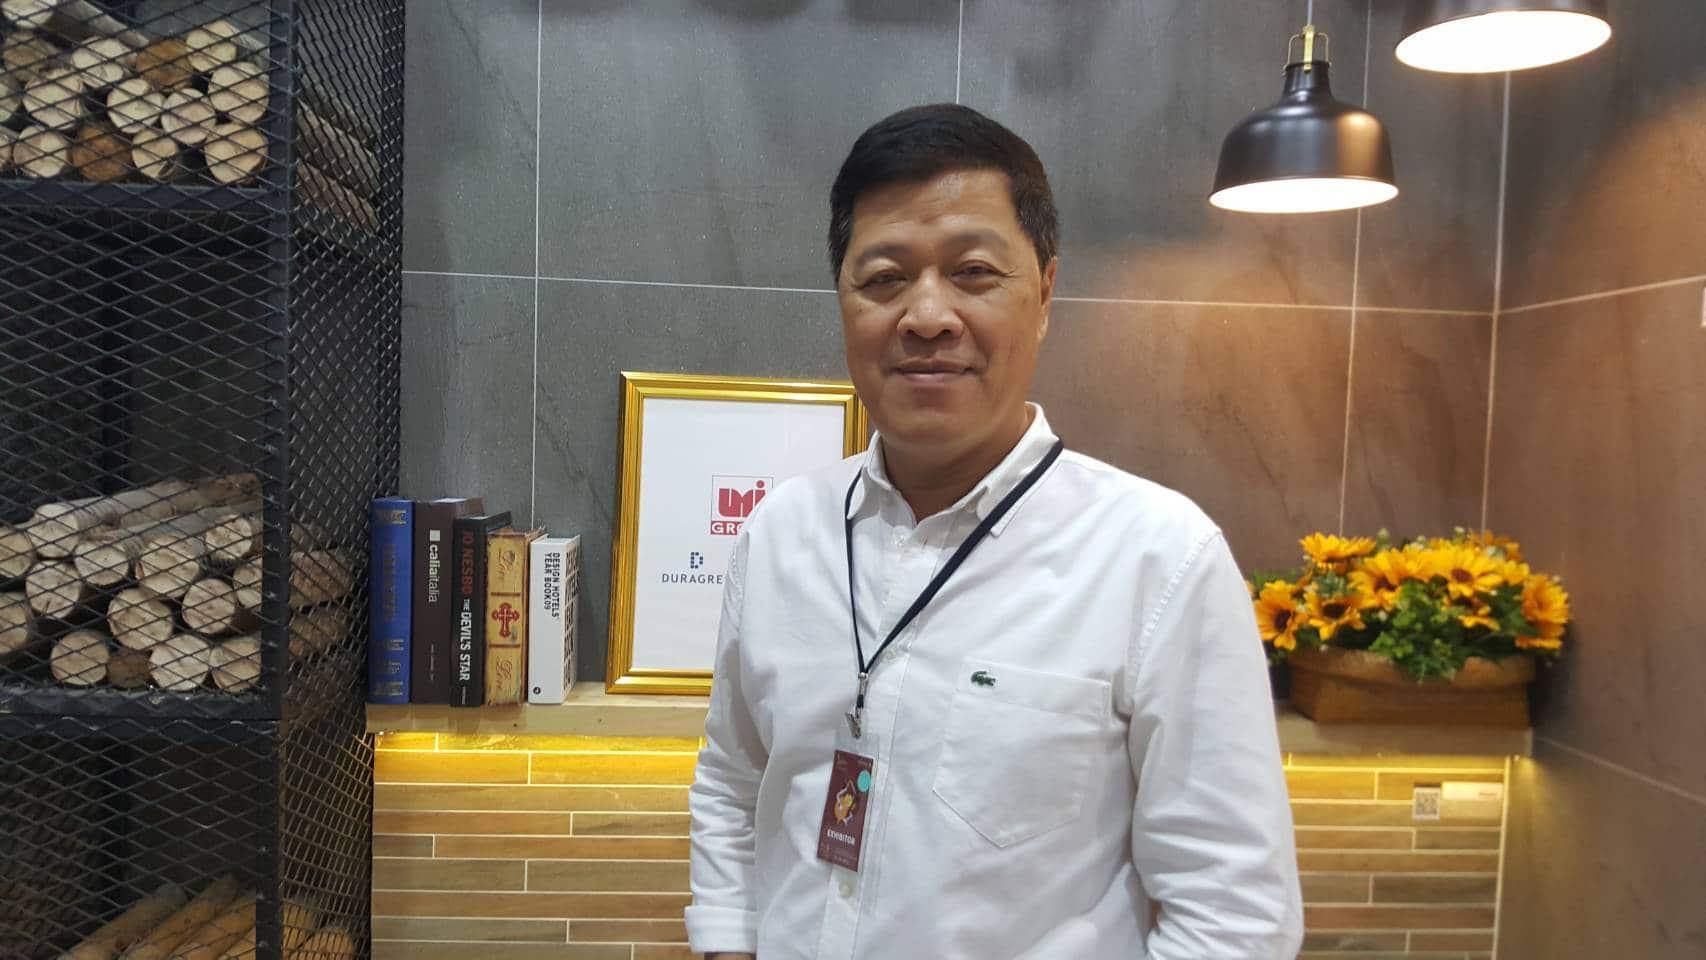 UMIเผยตลาดกระเบื้องปี61แข่งดุ ชูจุดแข็งด้านดีไซน์สู้สินค้าจีนดัมพ์ราคาทะลักเข้าไทย   Prop2Morrow บ้าน คอนโด ข่าวอสังหาฯ